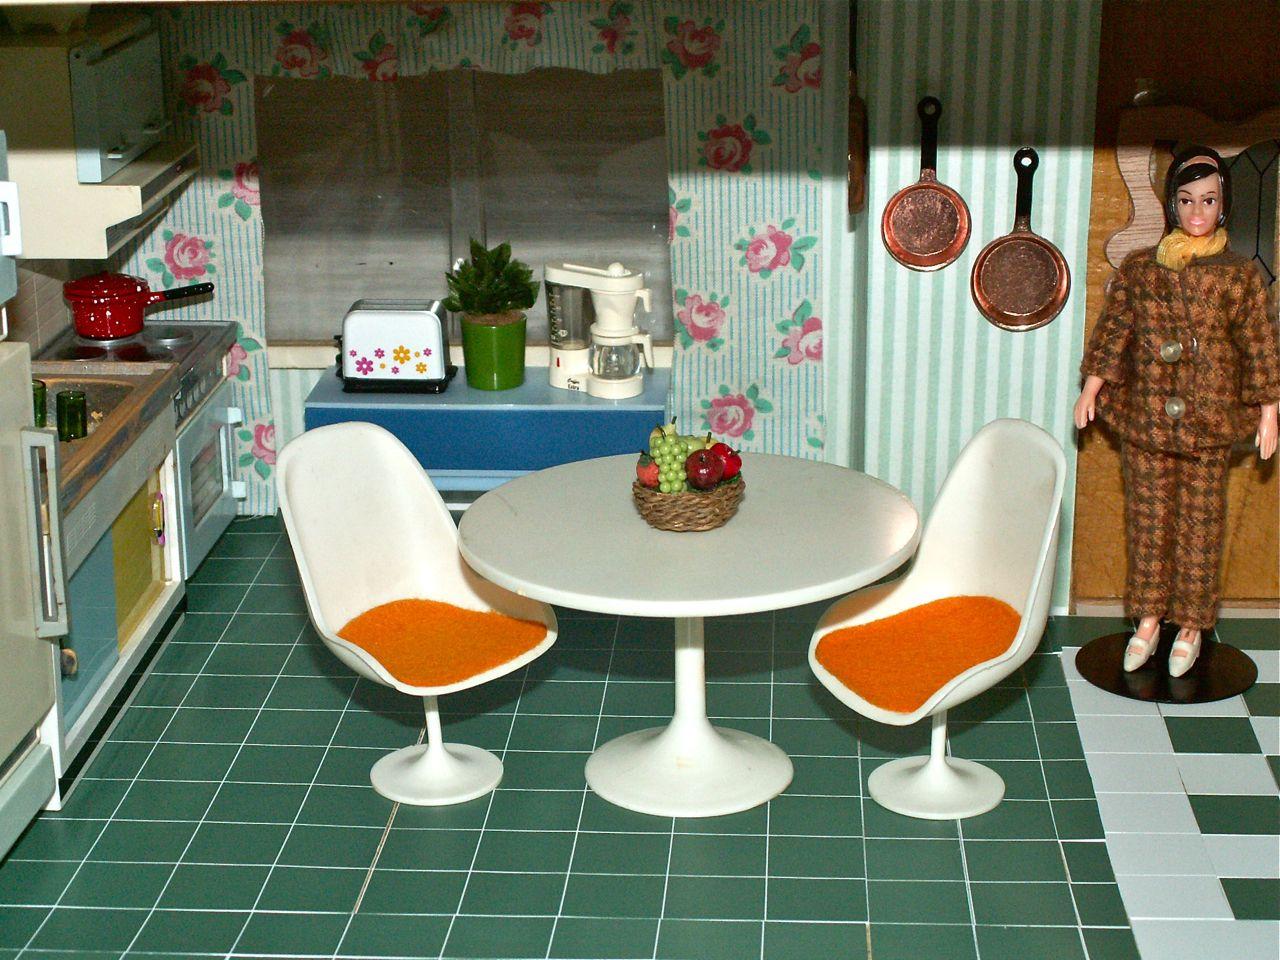 ggsdolls: Modella 1960s Dining Room Set?